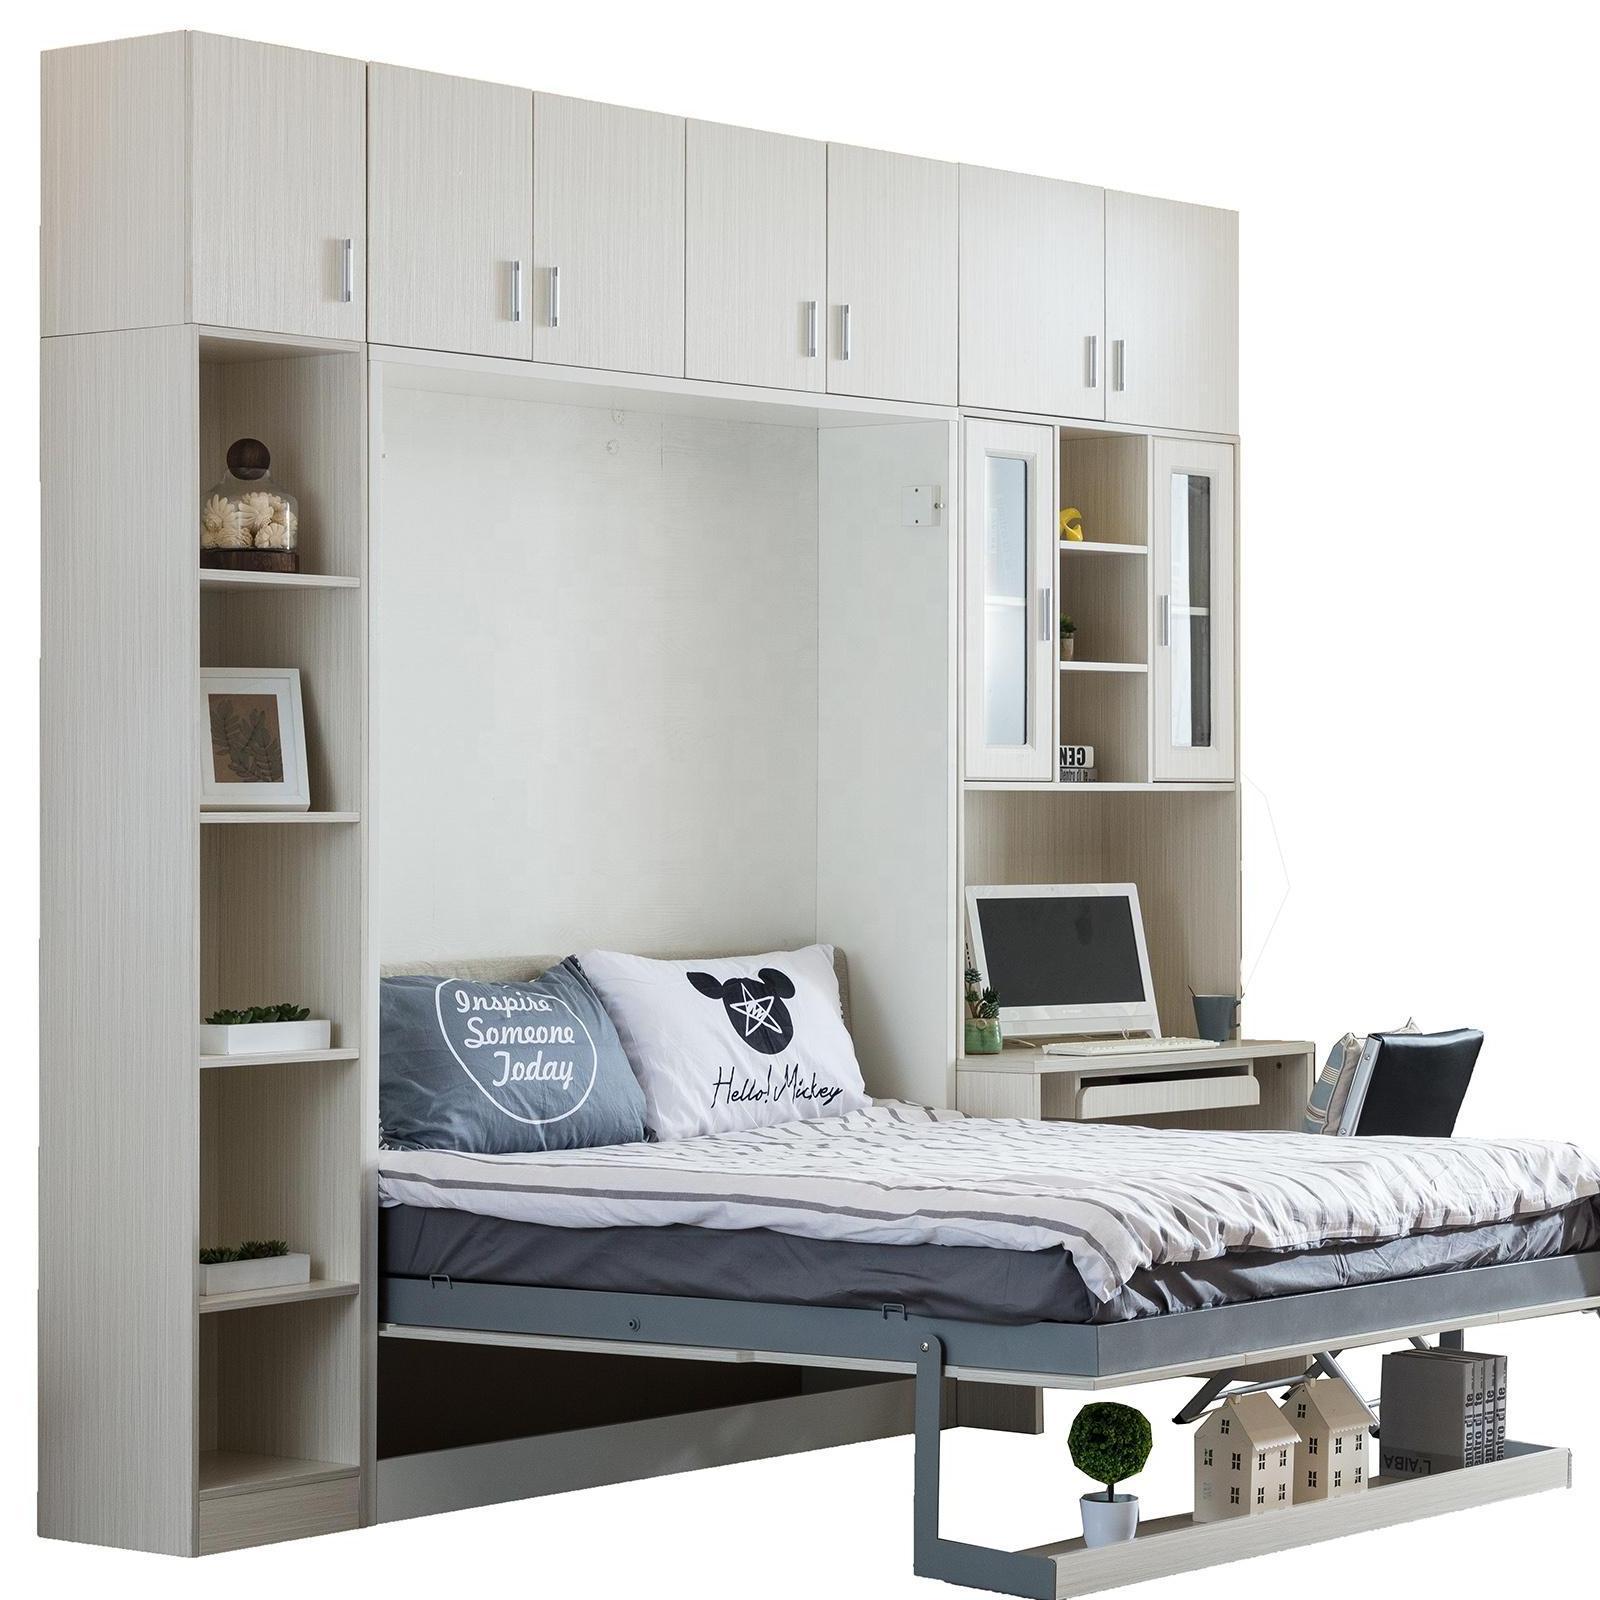 Hot Sale Furniture Set Folding Murphy Wall Bed Mechanism